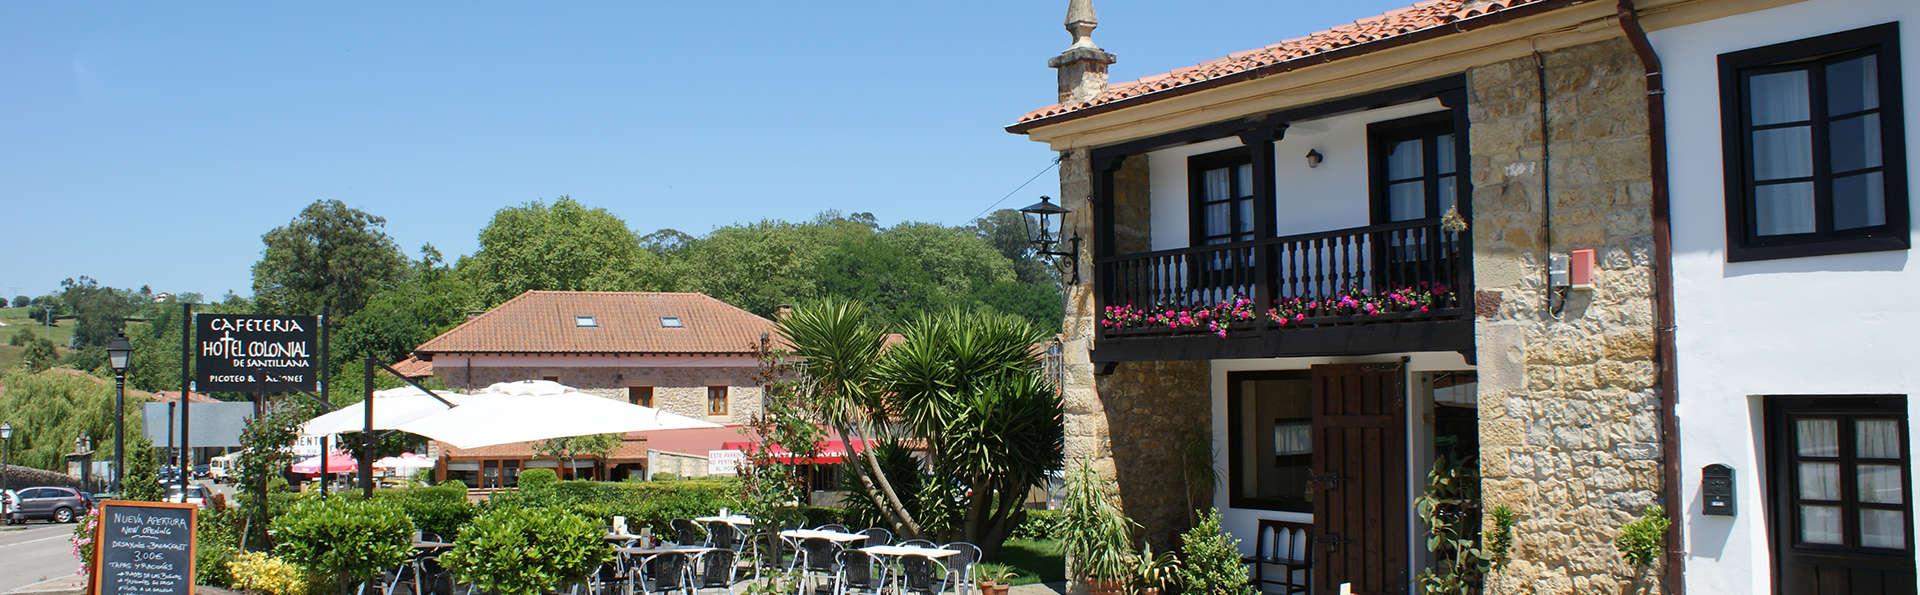 Hotel Colonial de Santillana - edit_front3.jpg